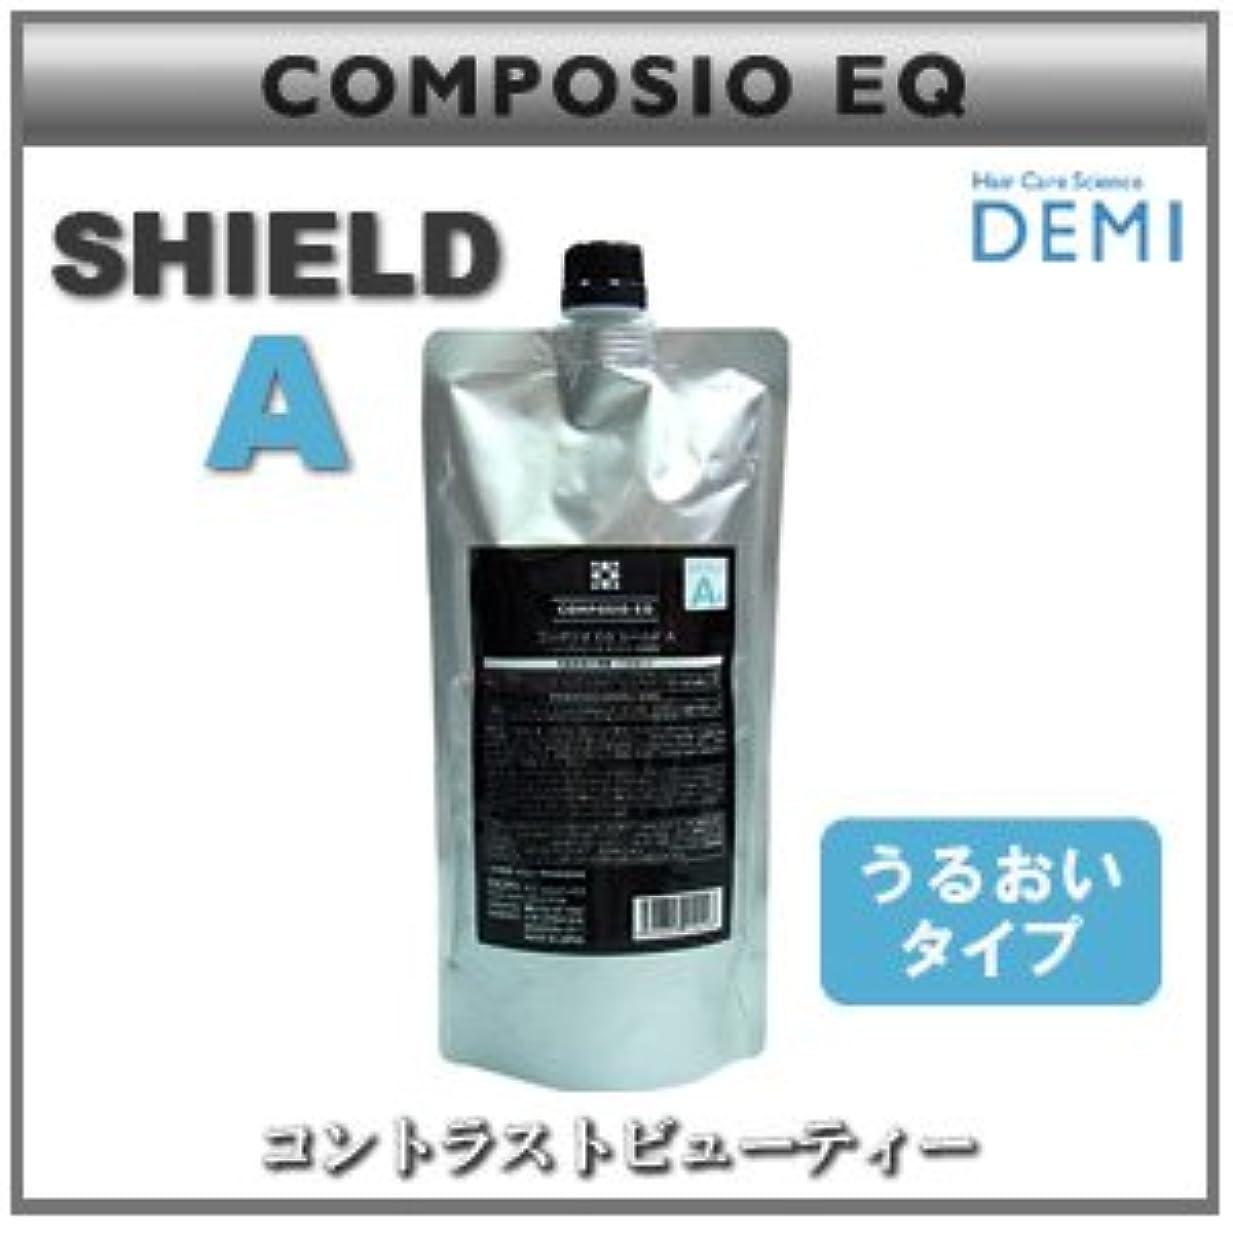 海洋の強い帰る【x3個セット】 デミ コンポジオ EQ シールド A 450g